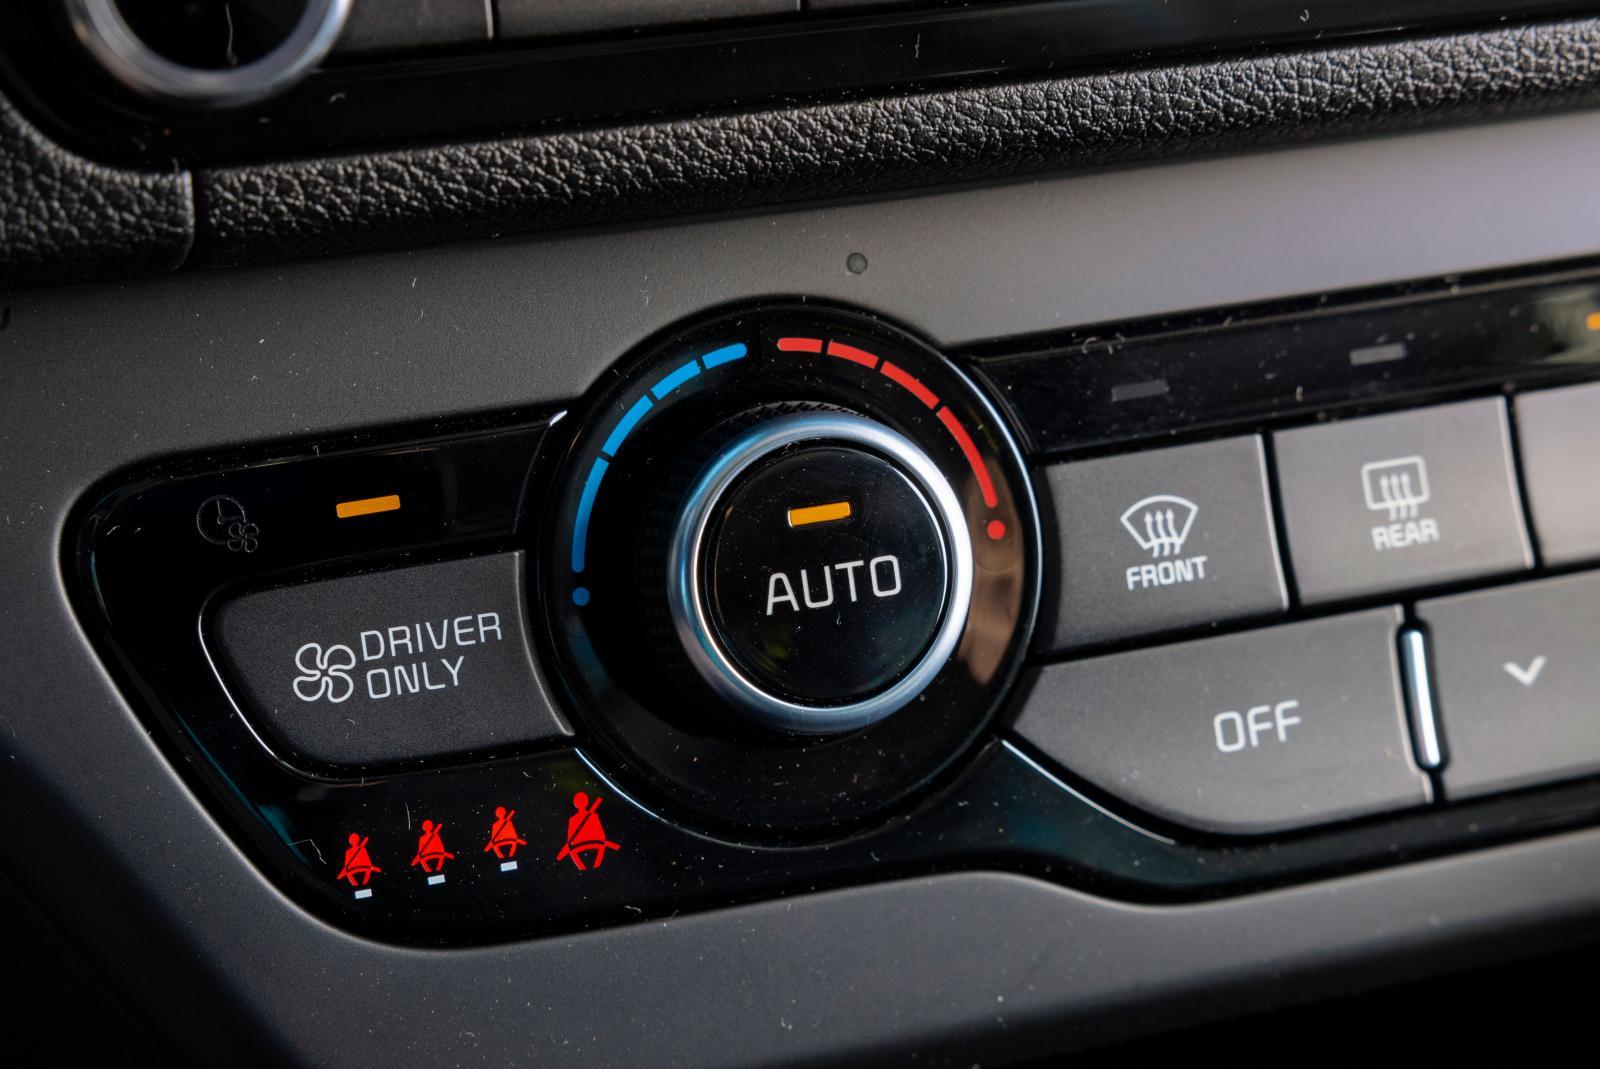 kia har minisymboler för visning av bältessituationen i bilen.